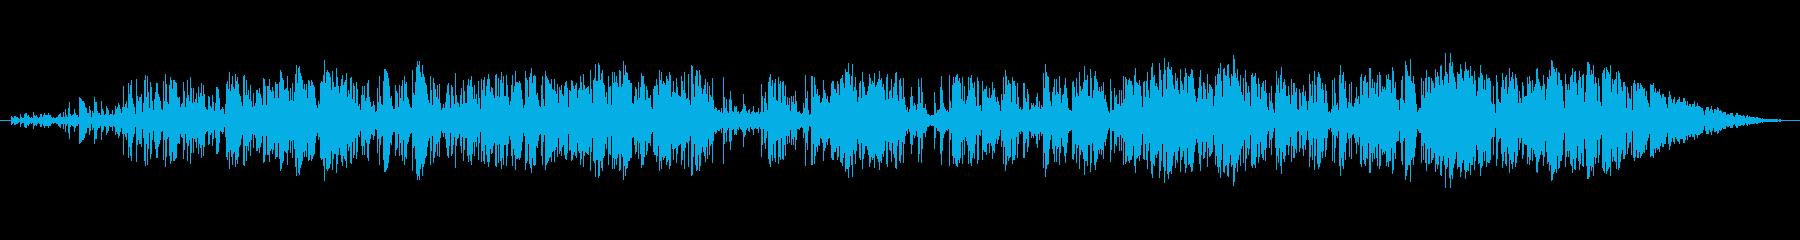 サッカーAmbiente3 1-00の再生済みの波形